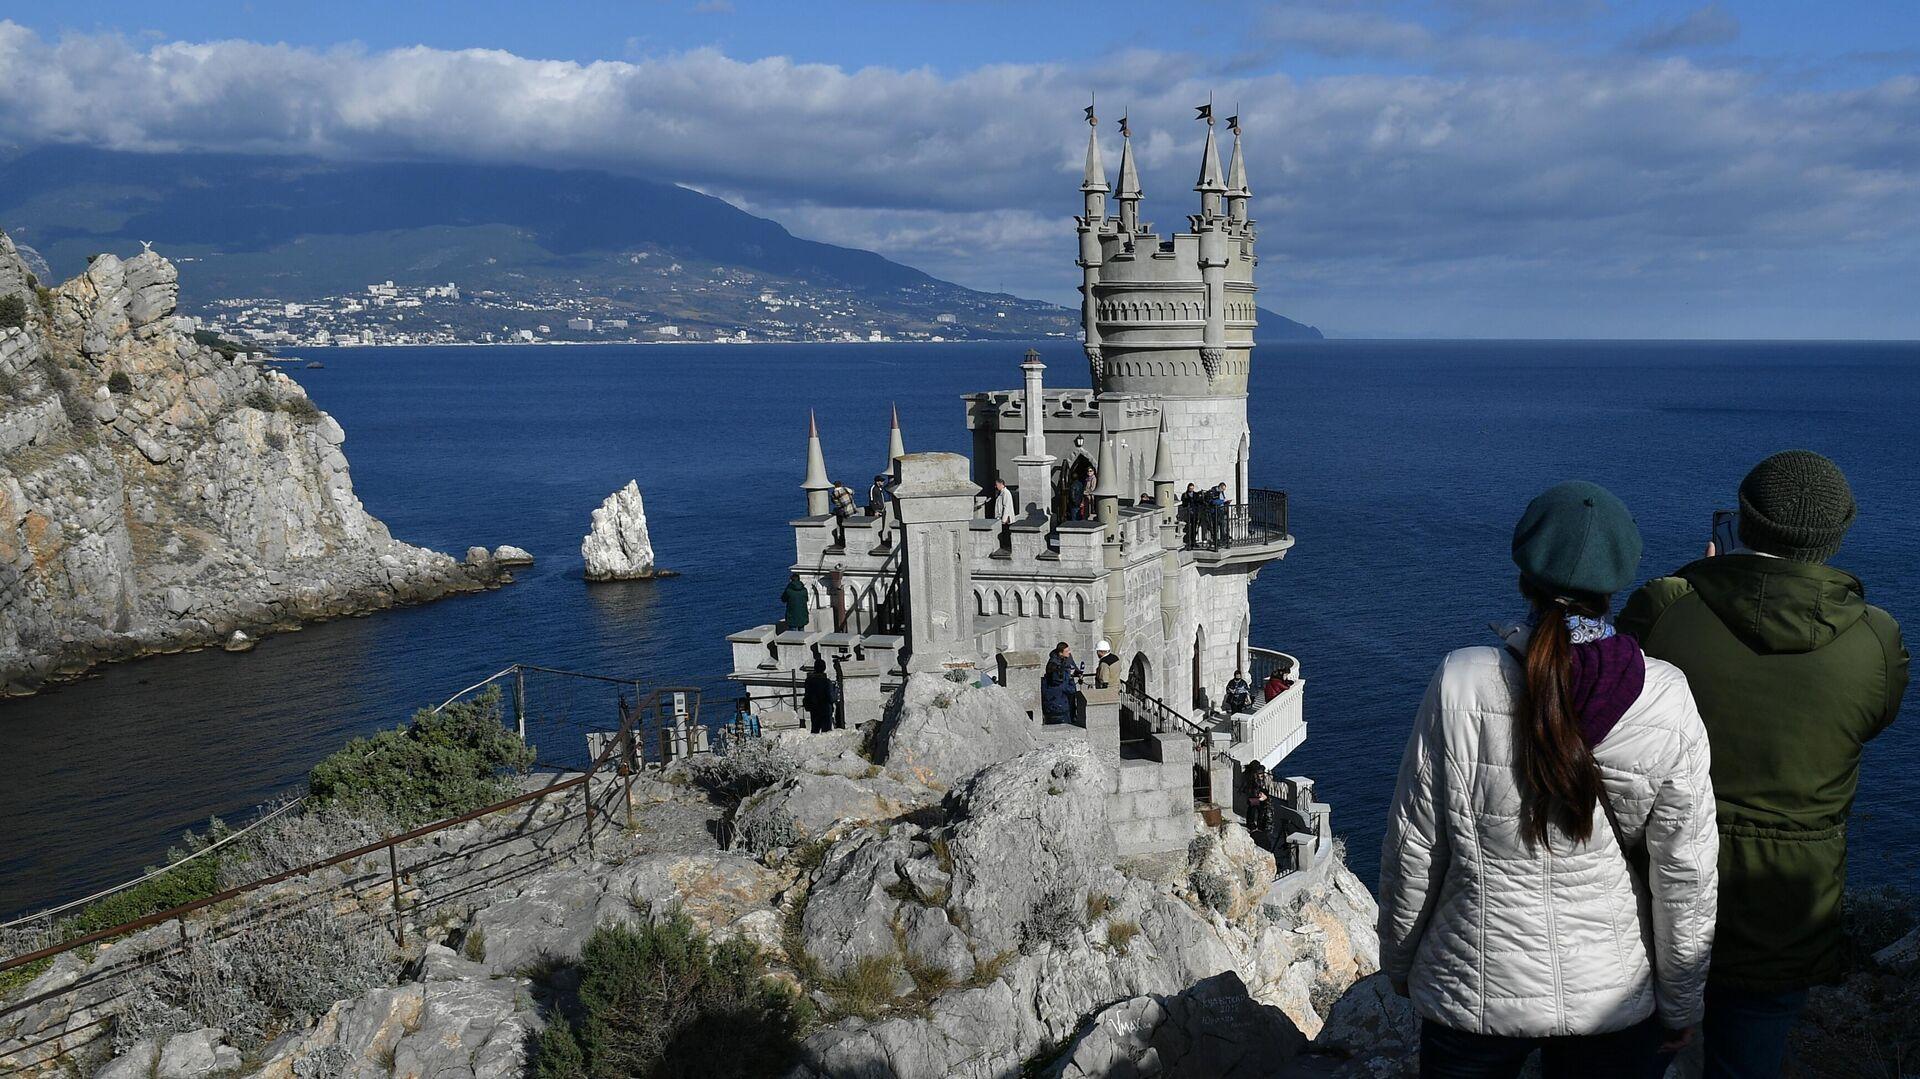 Дворец-замок Ласточкино гнездо в Крыму - РИА Новости, 1920, 26.03.2021